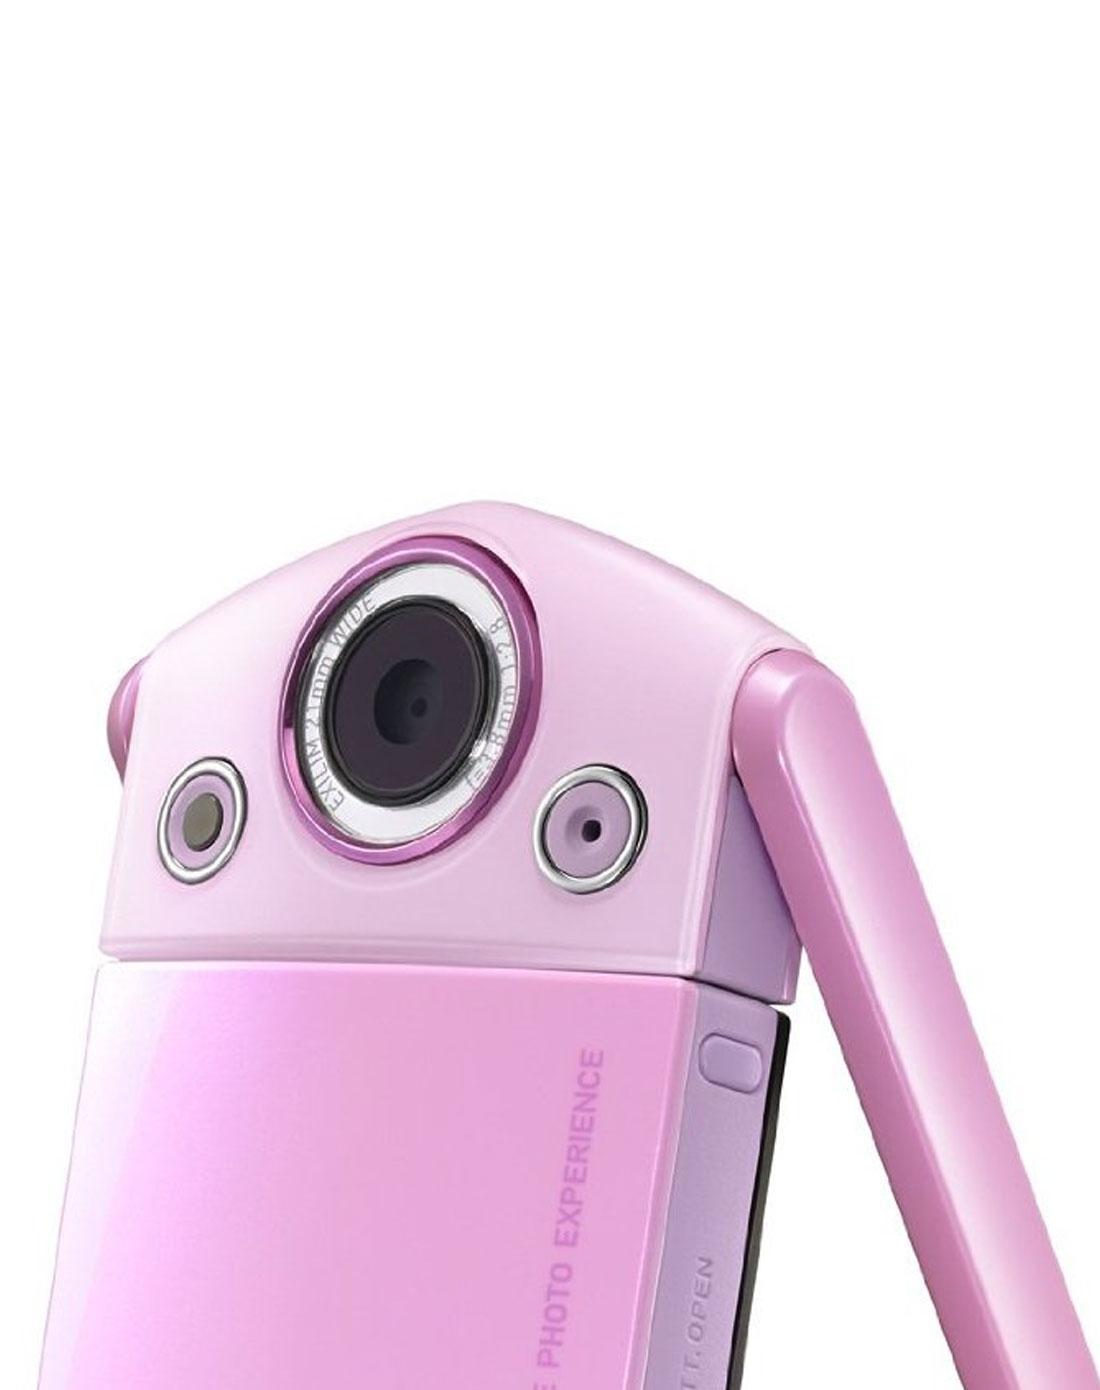 自拍神器tr350s 淺粉色單機版